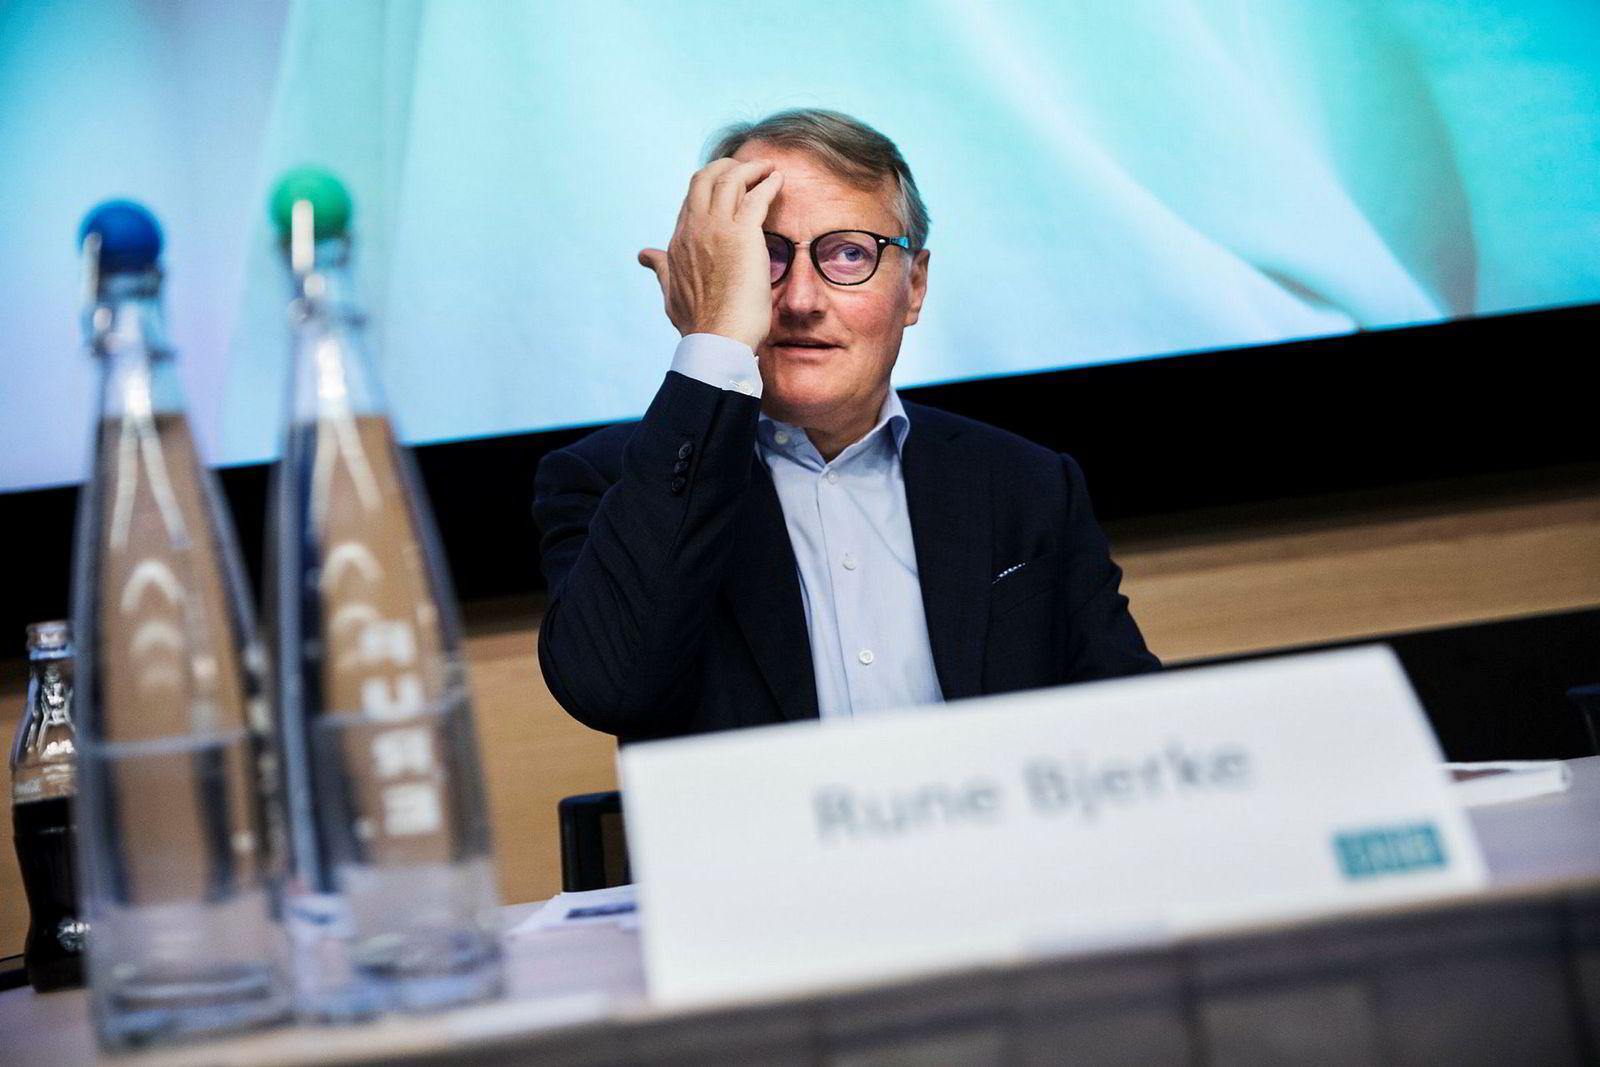 DNB mener de omstridte forvaltningshonorarene var i tråd med markedsføringen av tre aksjefond med 180 000 kunder. Banken vurderer nå å anke nederlaget videre til Høyesterett. Her DNBs konsernsjef Rune Bjerke.